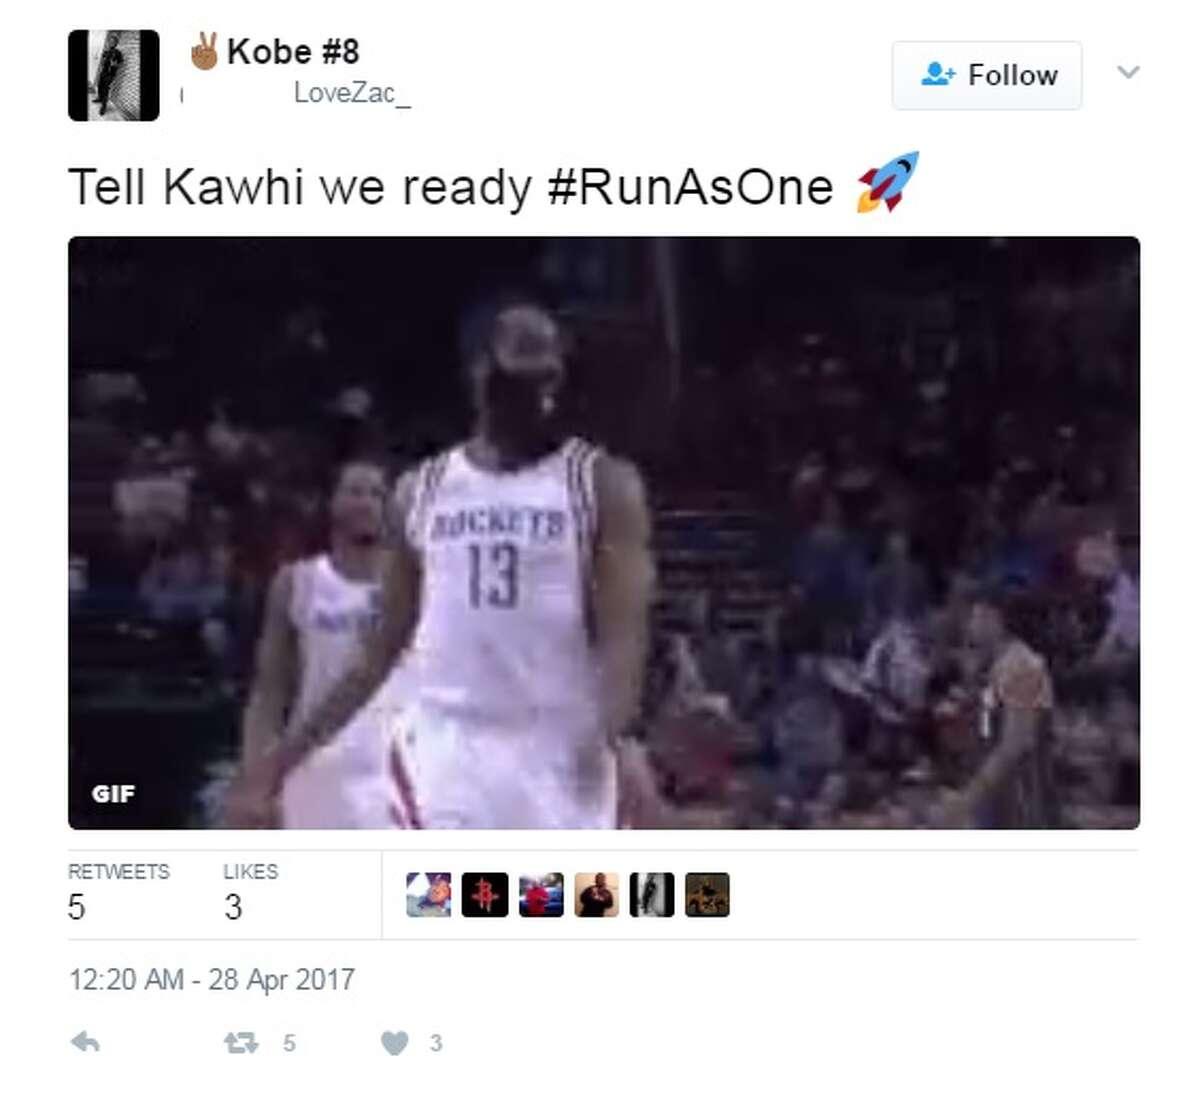 Kobe #8: Tell Kawhi we ready #RunAsOne